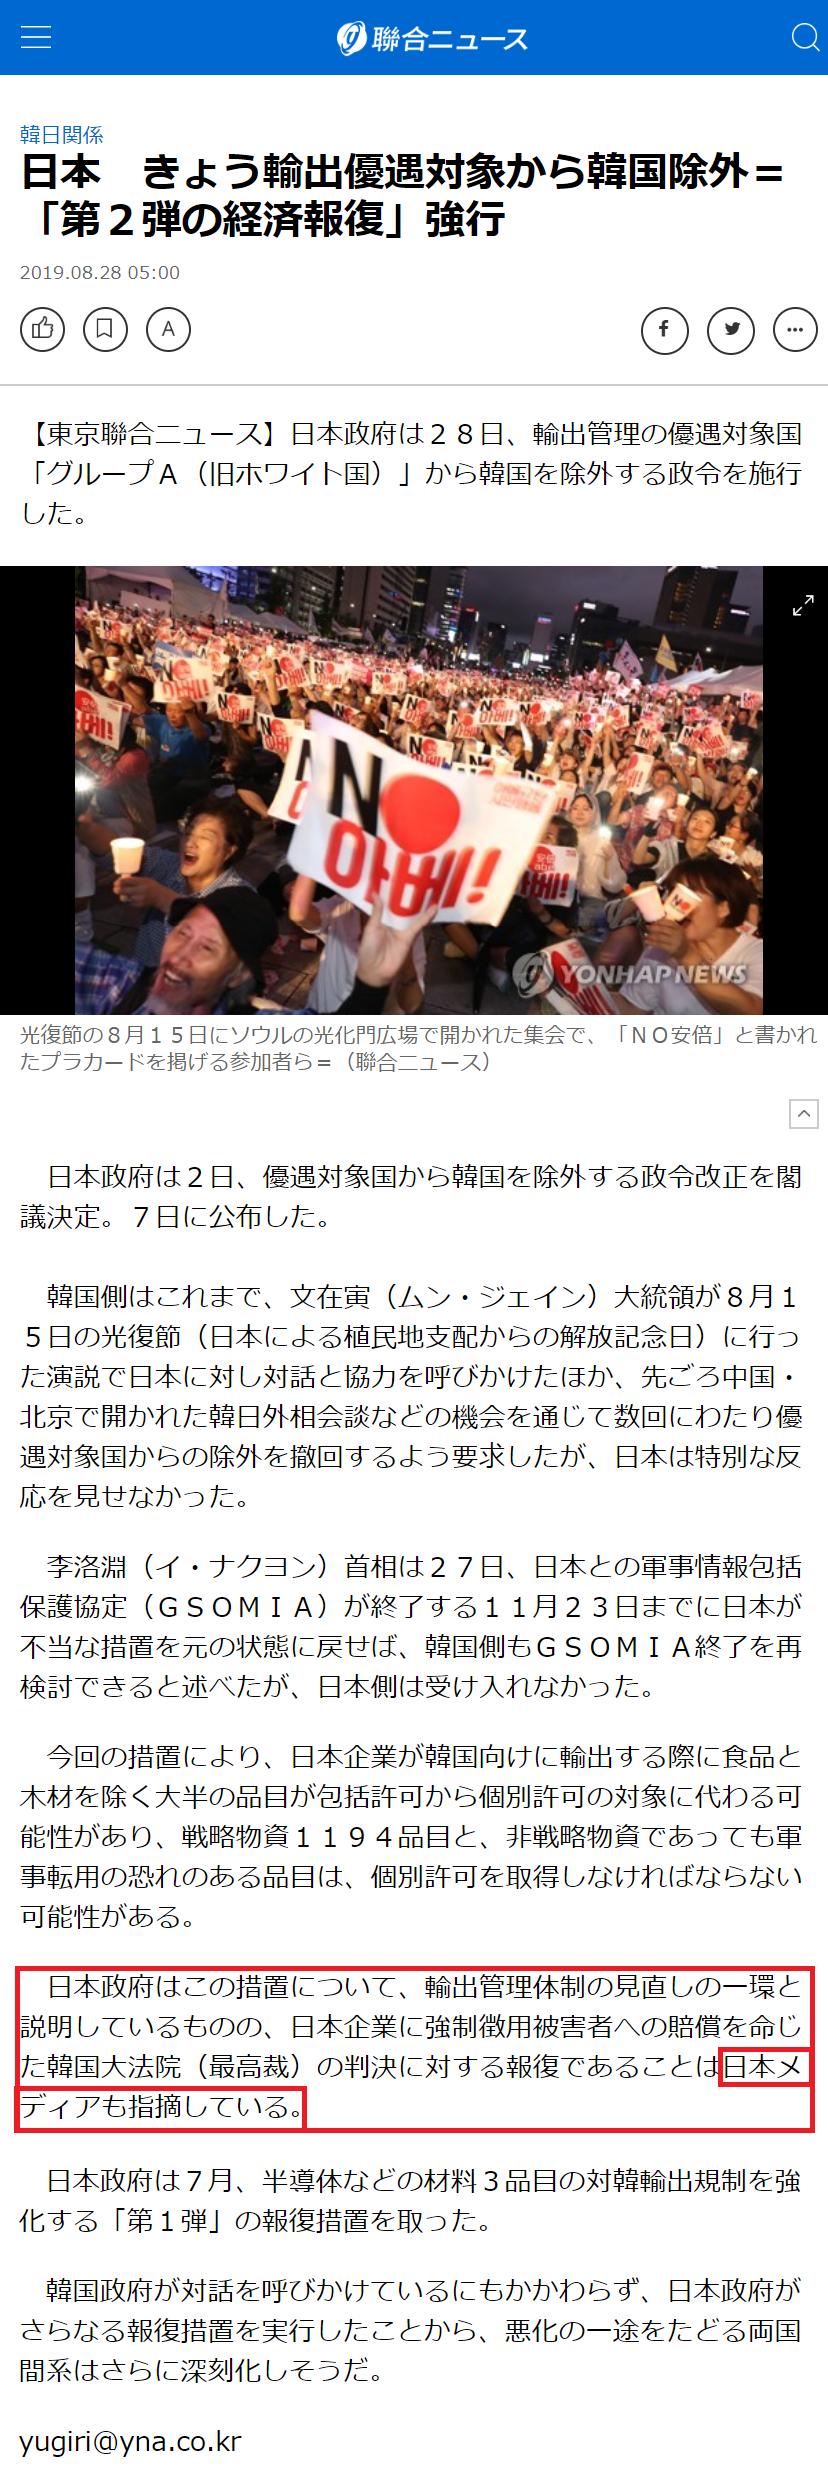 チョン国マスゴミ「日本のマスゴミはナカ~マ」1